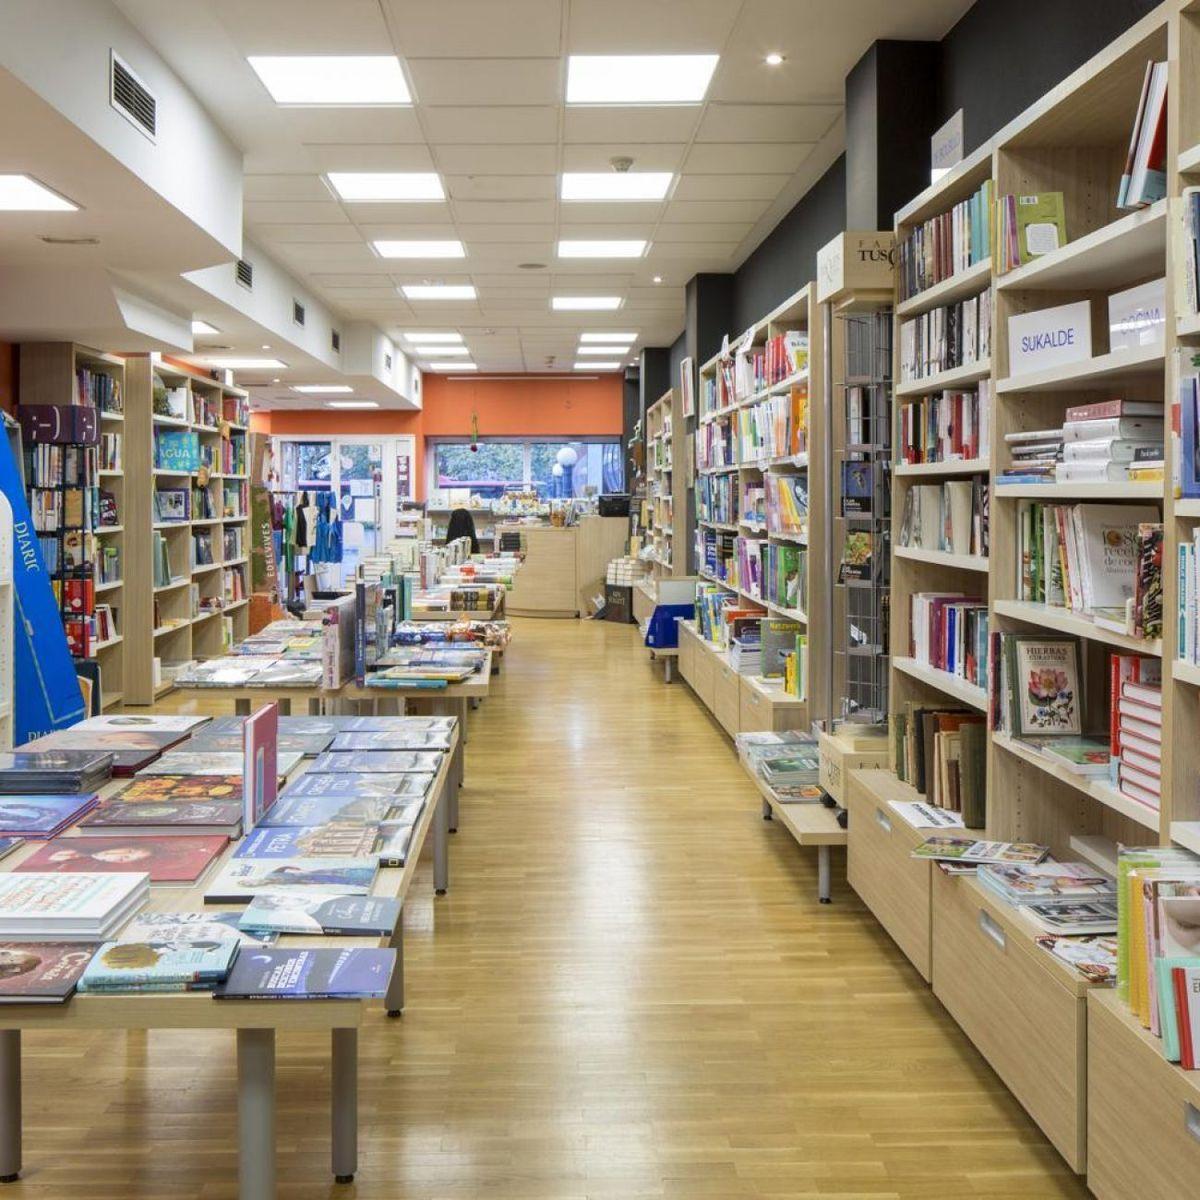 4134-la-libreria-de-deusto-03